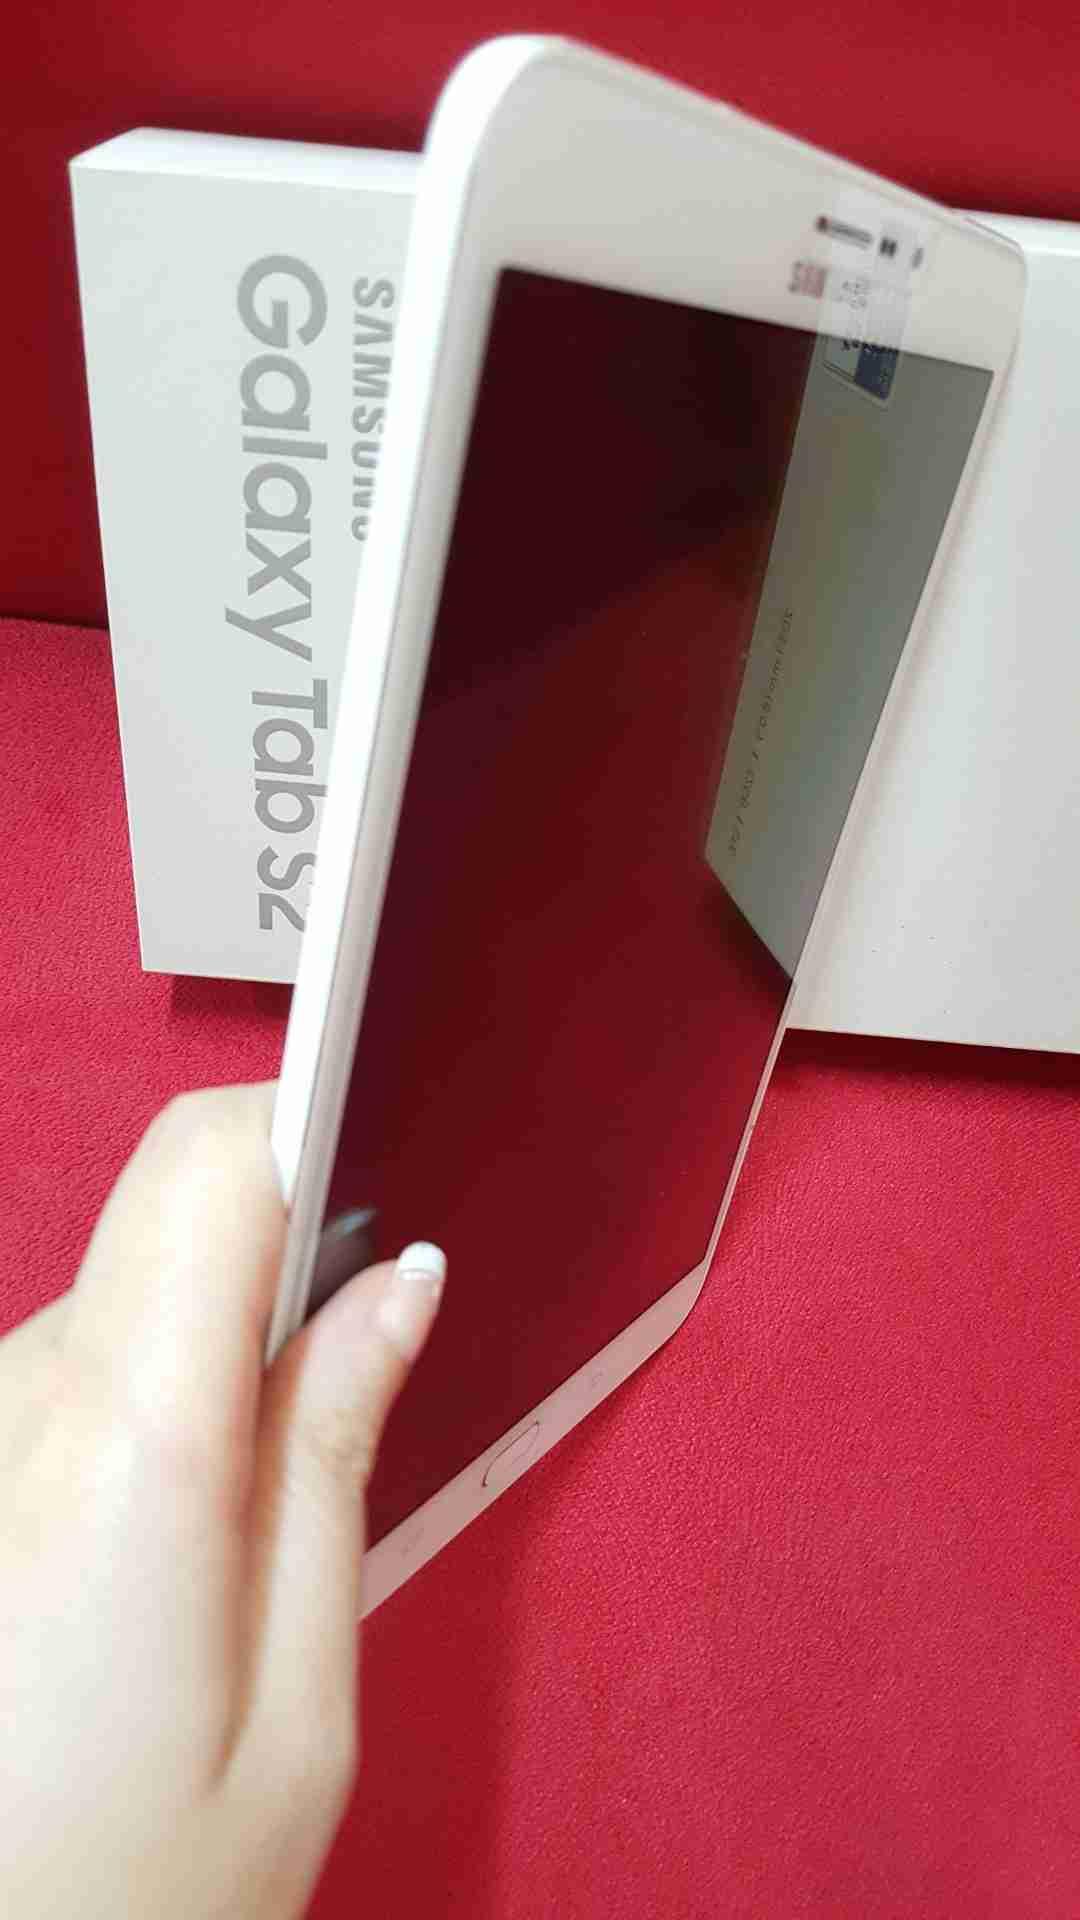 ايباد 2 /64 جيجا/يوجد sim card/ للبيع-  Galaxy Tab S2 أبيض لا...